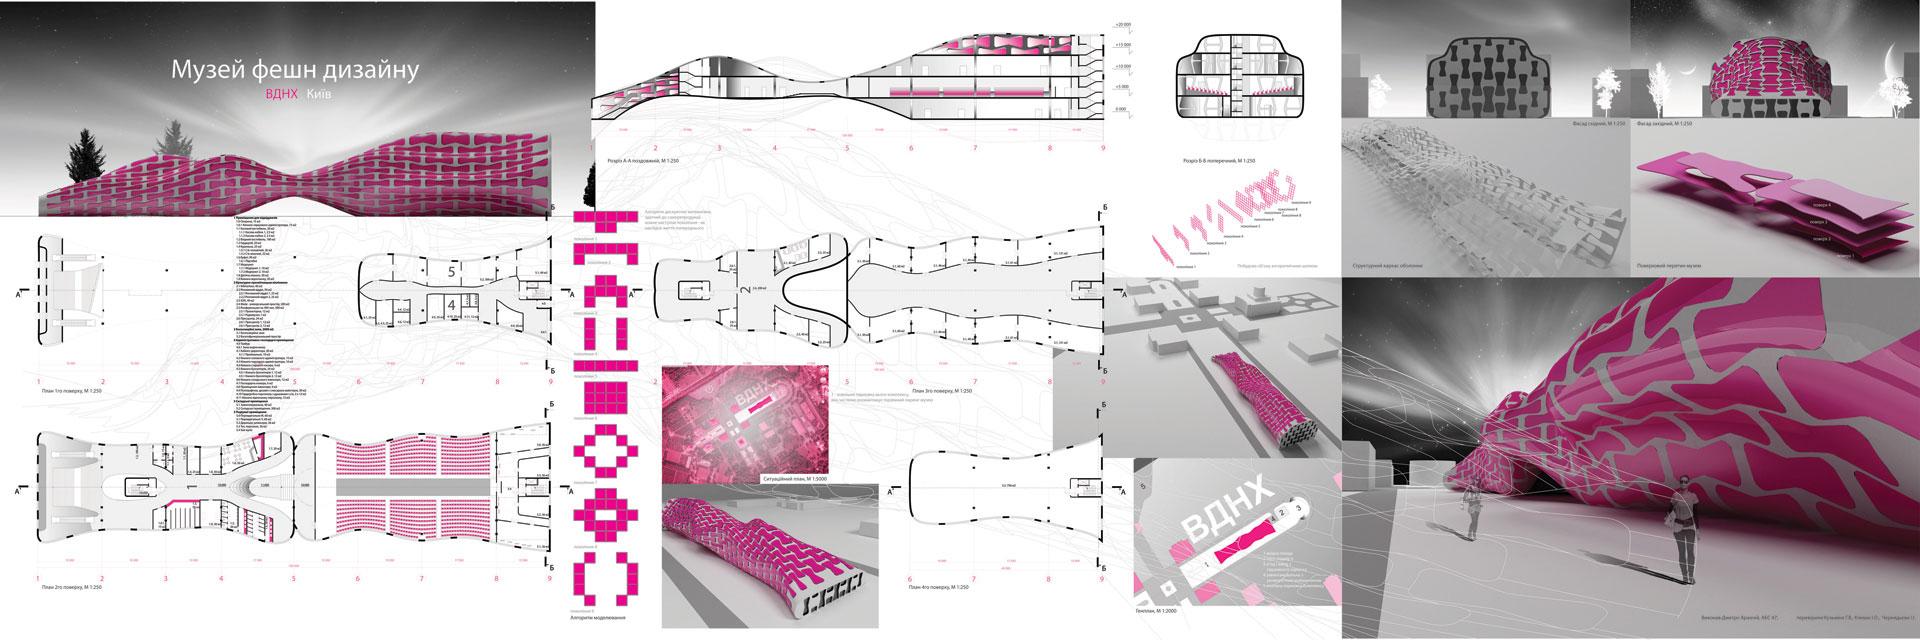 архитектурный планшет параметрического музея дизайна одежды